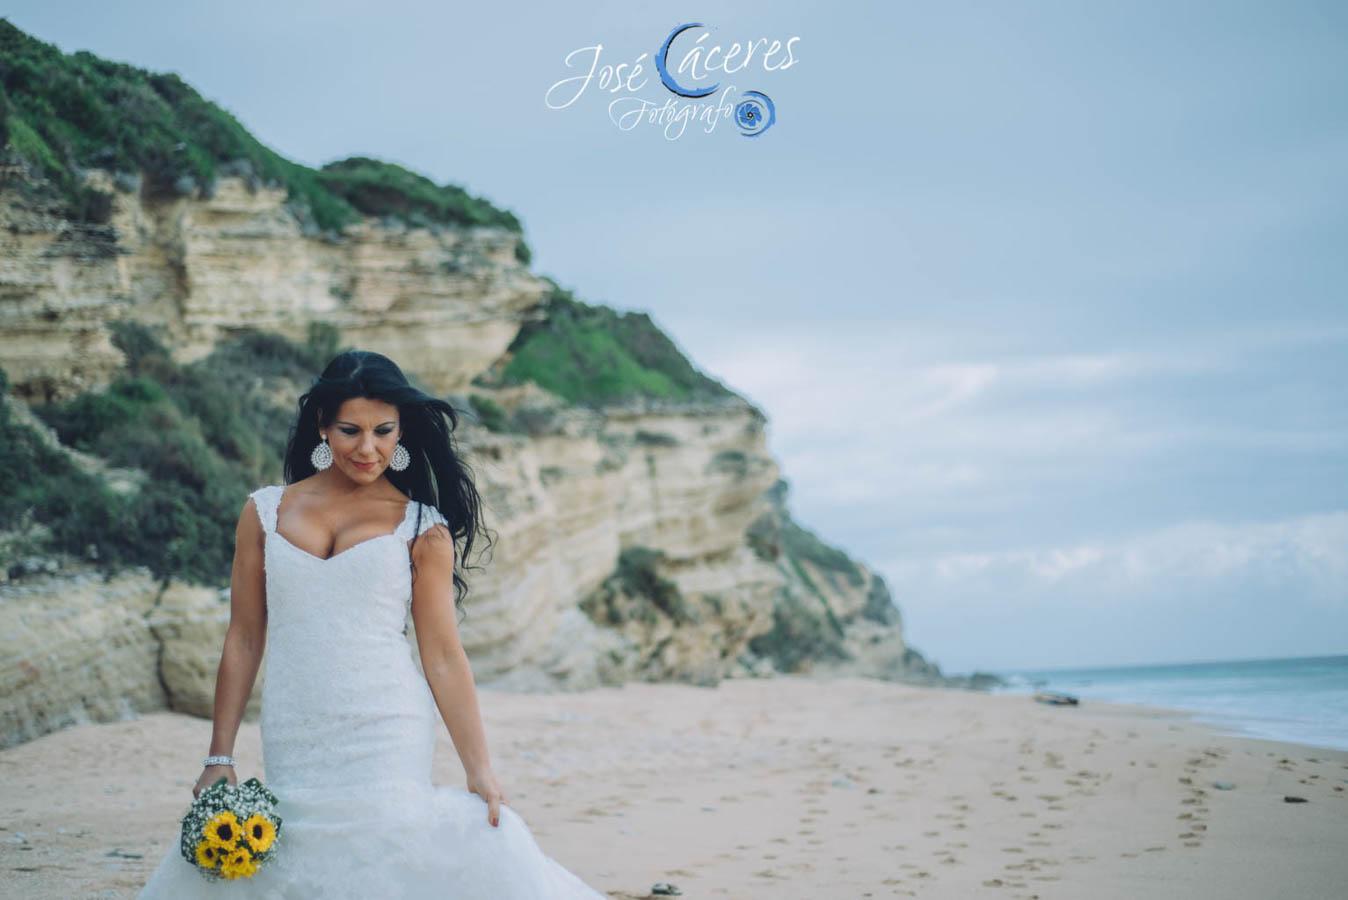 Sesion fotografica de jose caceres fotografia, post boda leticia y jose luis, playas-8